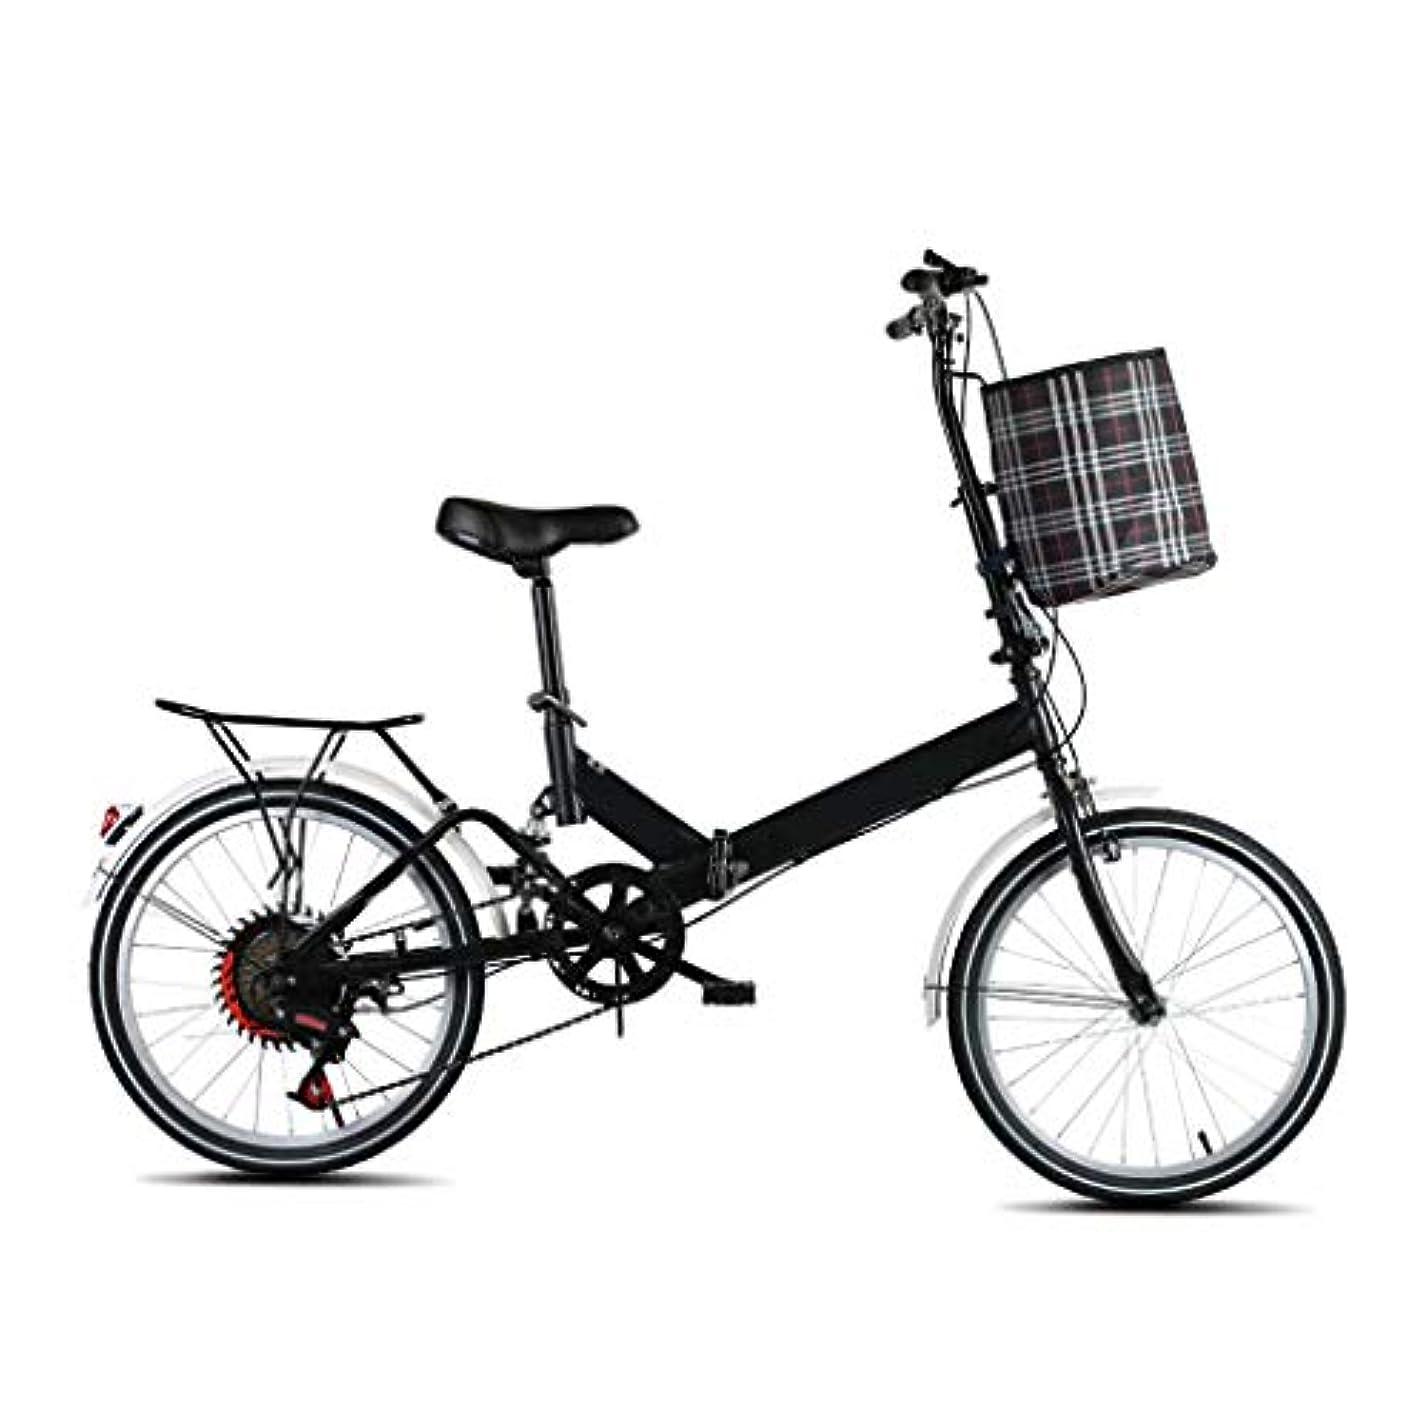 キルスブルーベル汚い20インチ軽量折りたたみ自転車、大人、10代、女性と女の子向けのシティ自転車スクーター、可変速度と衝撃吸収、布フレーム付き